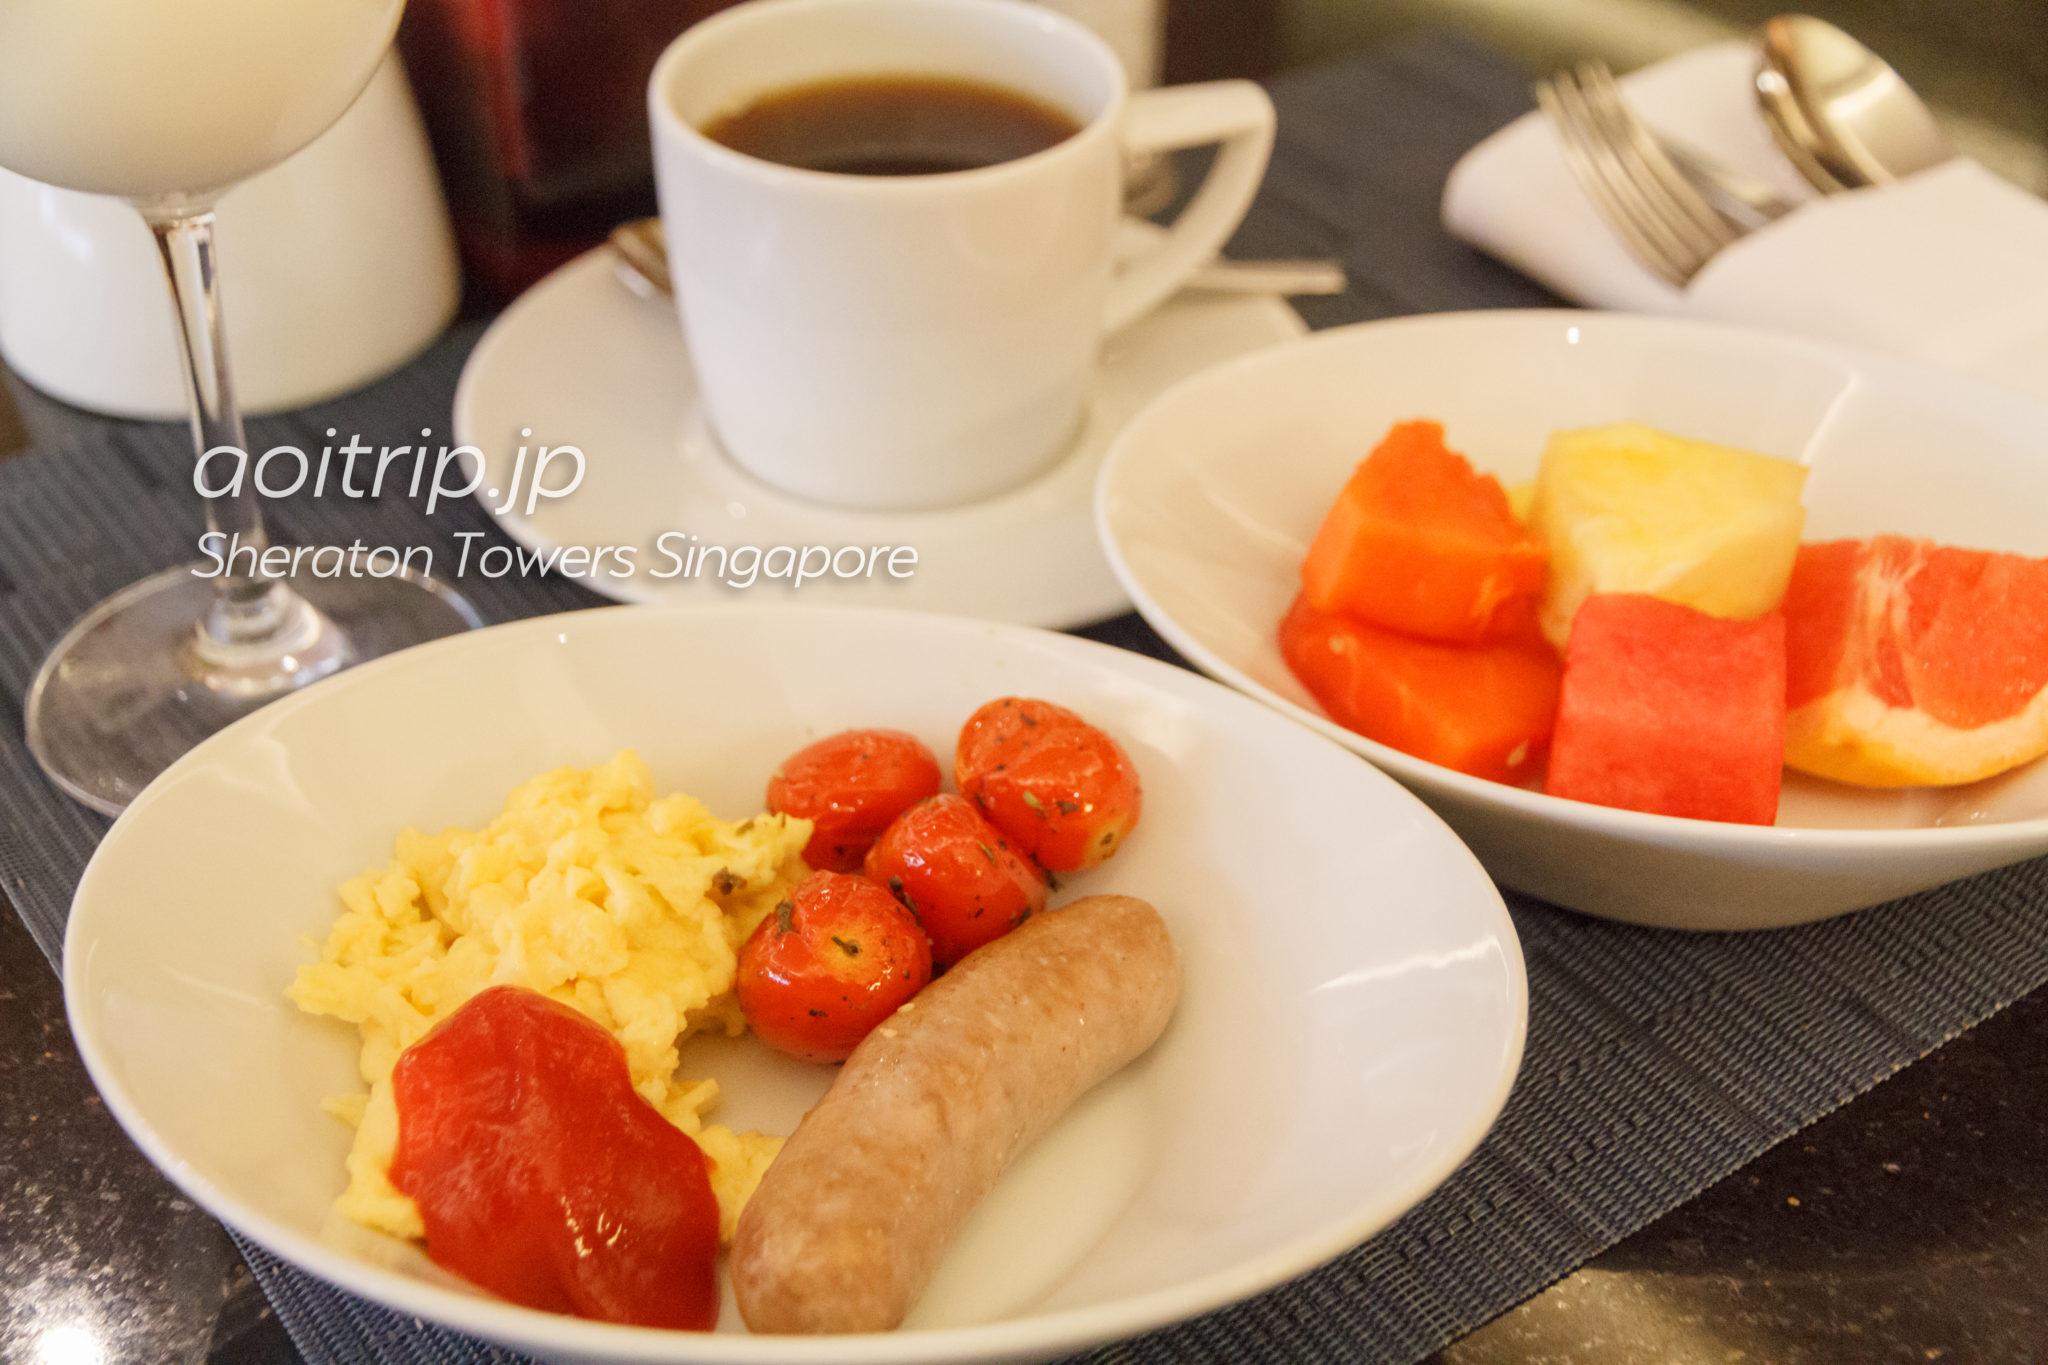 シェラトンタワーズシンガポール ラウンジの朝食